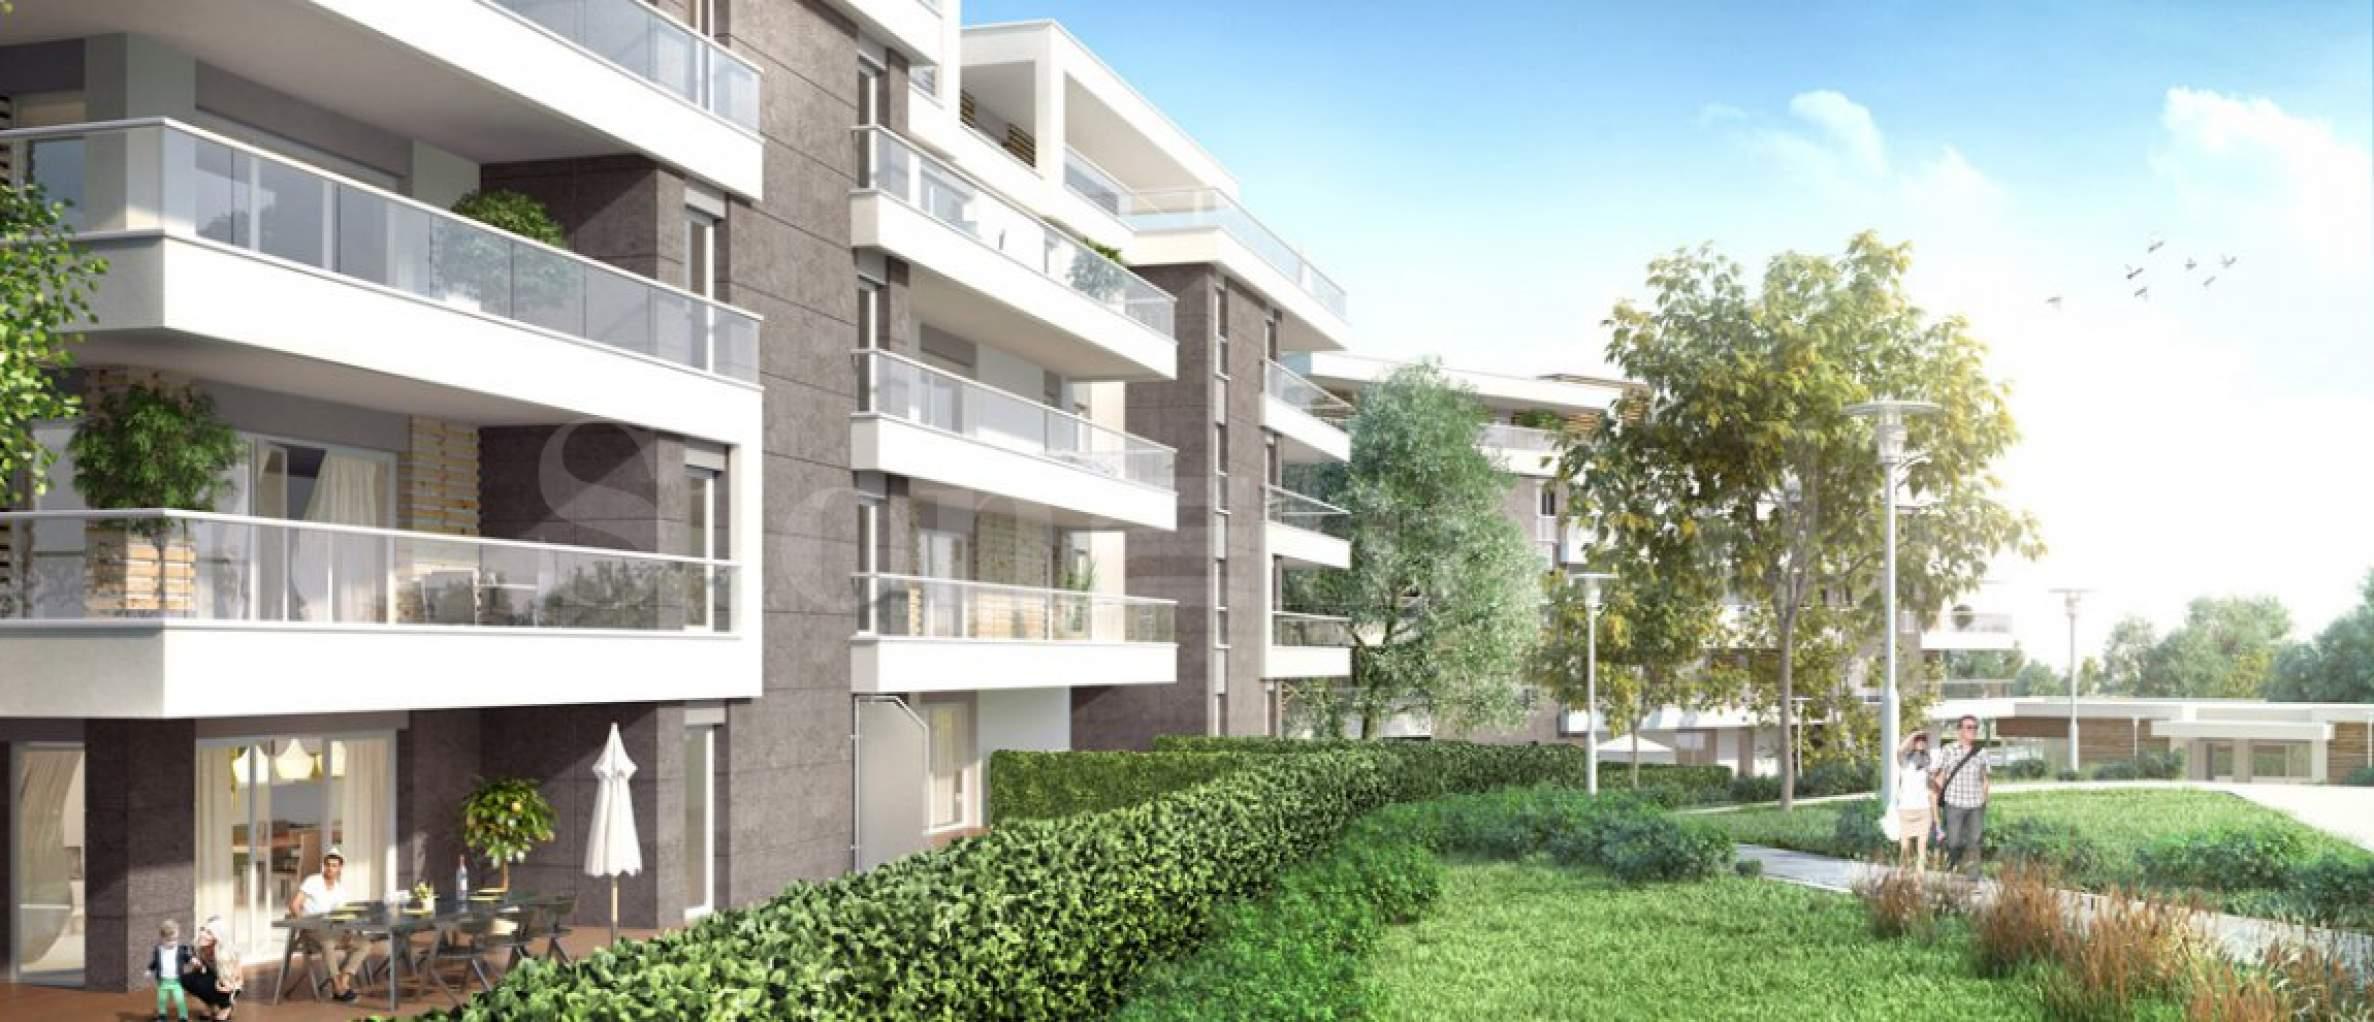 Нови апартаменти във френски град Thoiry, 10 км от Женева1 - Stonehard